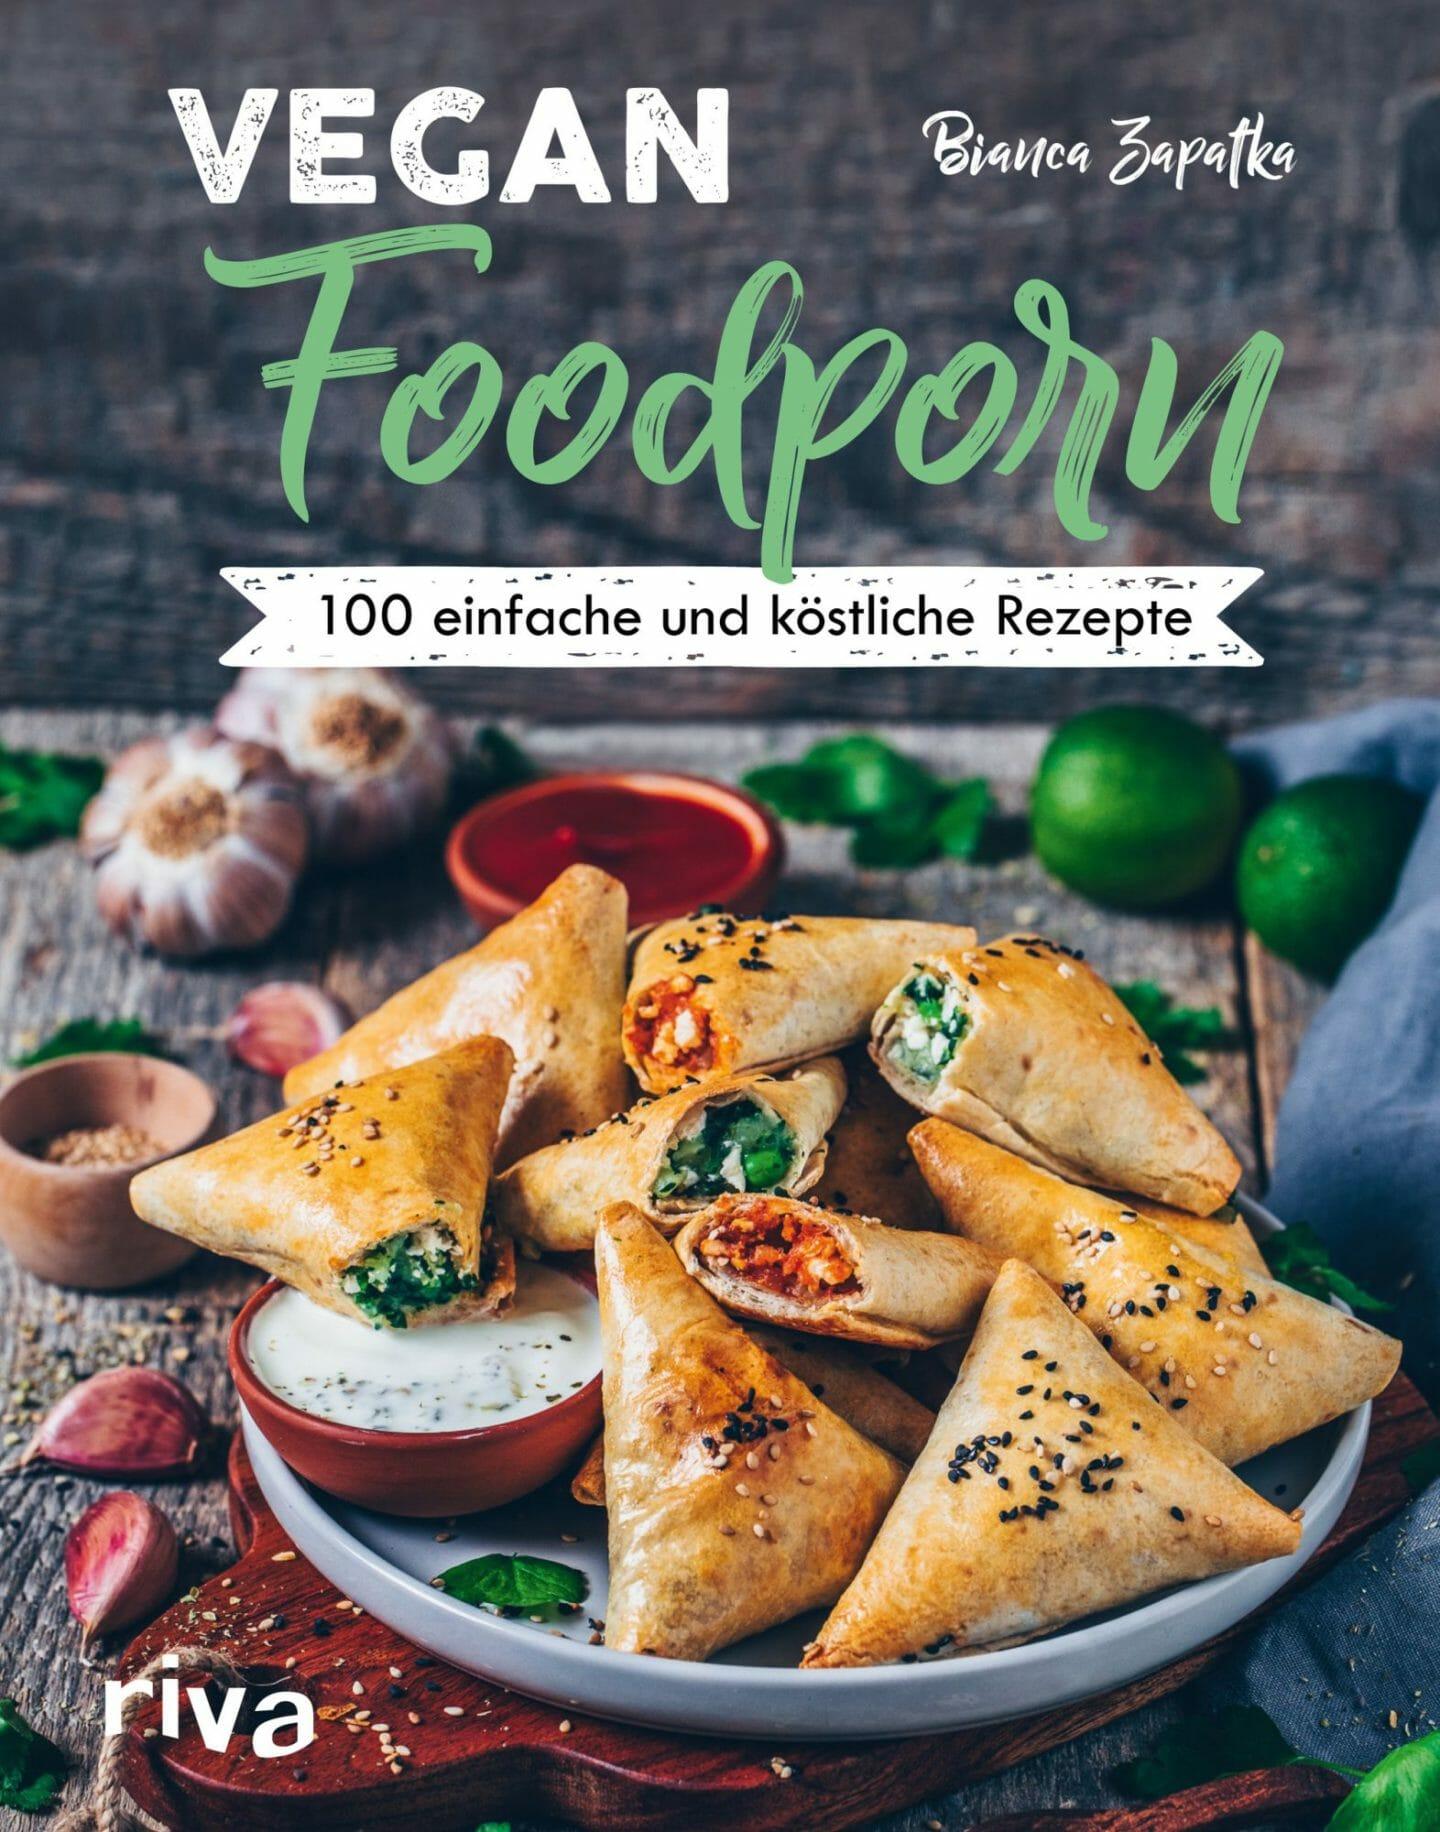 Vegan Soulfood Kochbuch von Bianca Zapatka